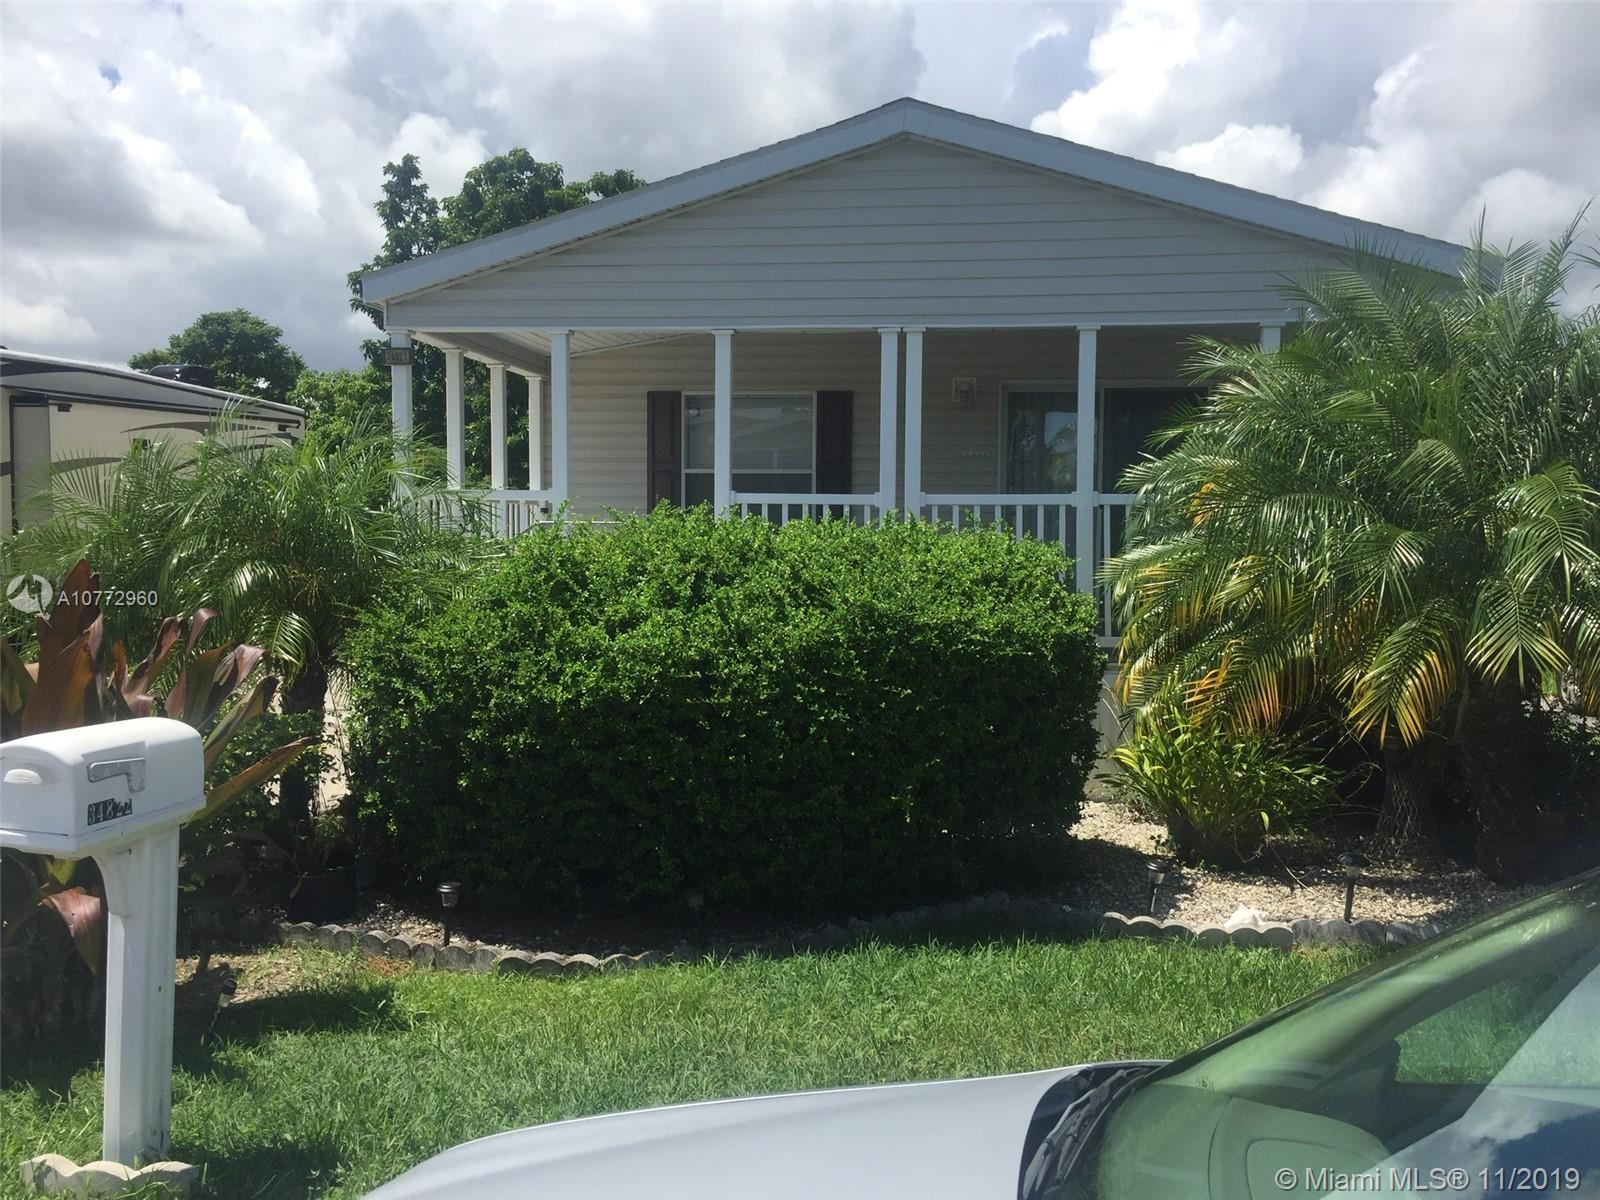 34822 SW 188th Way, Homestead, FL 33034 - Homestead, FL real estate listing